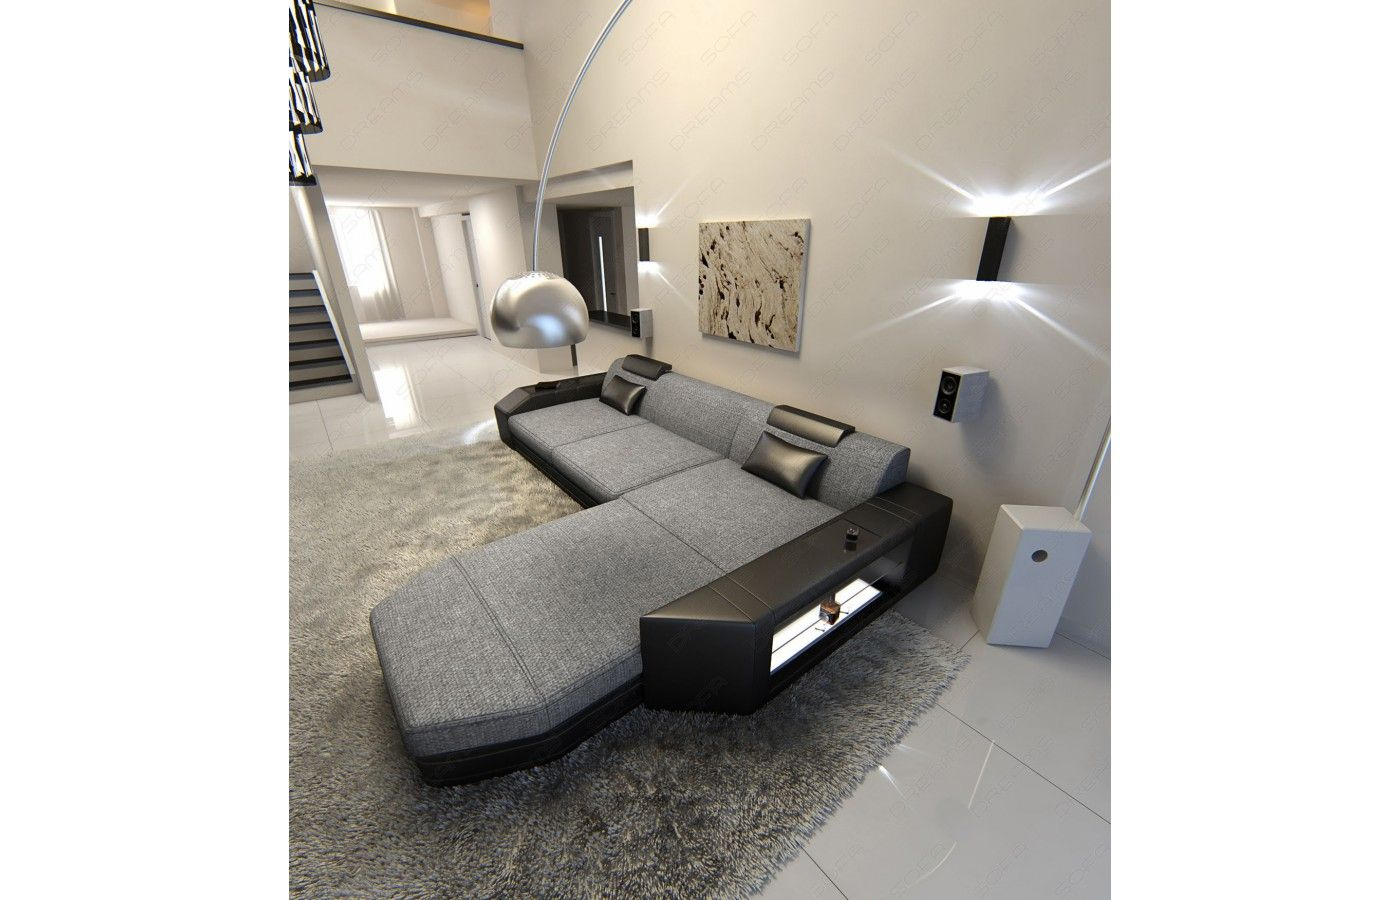 Unglaublich Sofa L Form Grau Foto Von Stoffsofa Prato L-form In Grau-schwarz - Iv